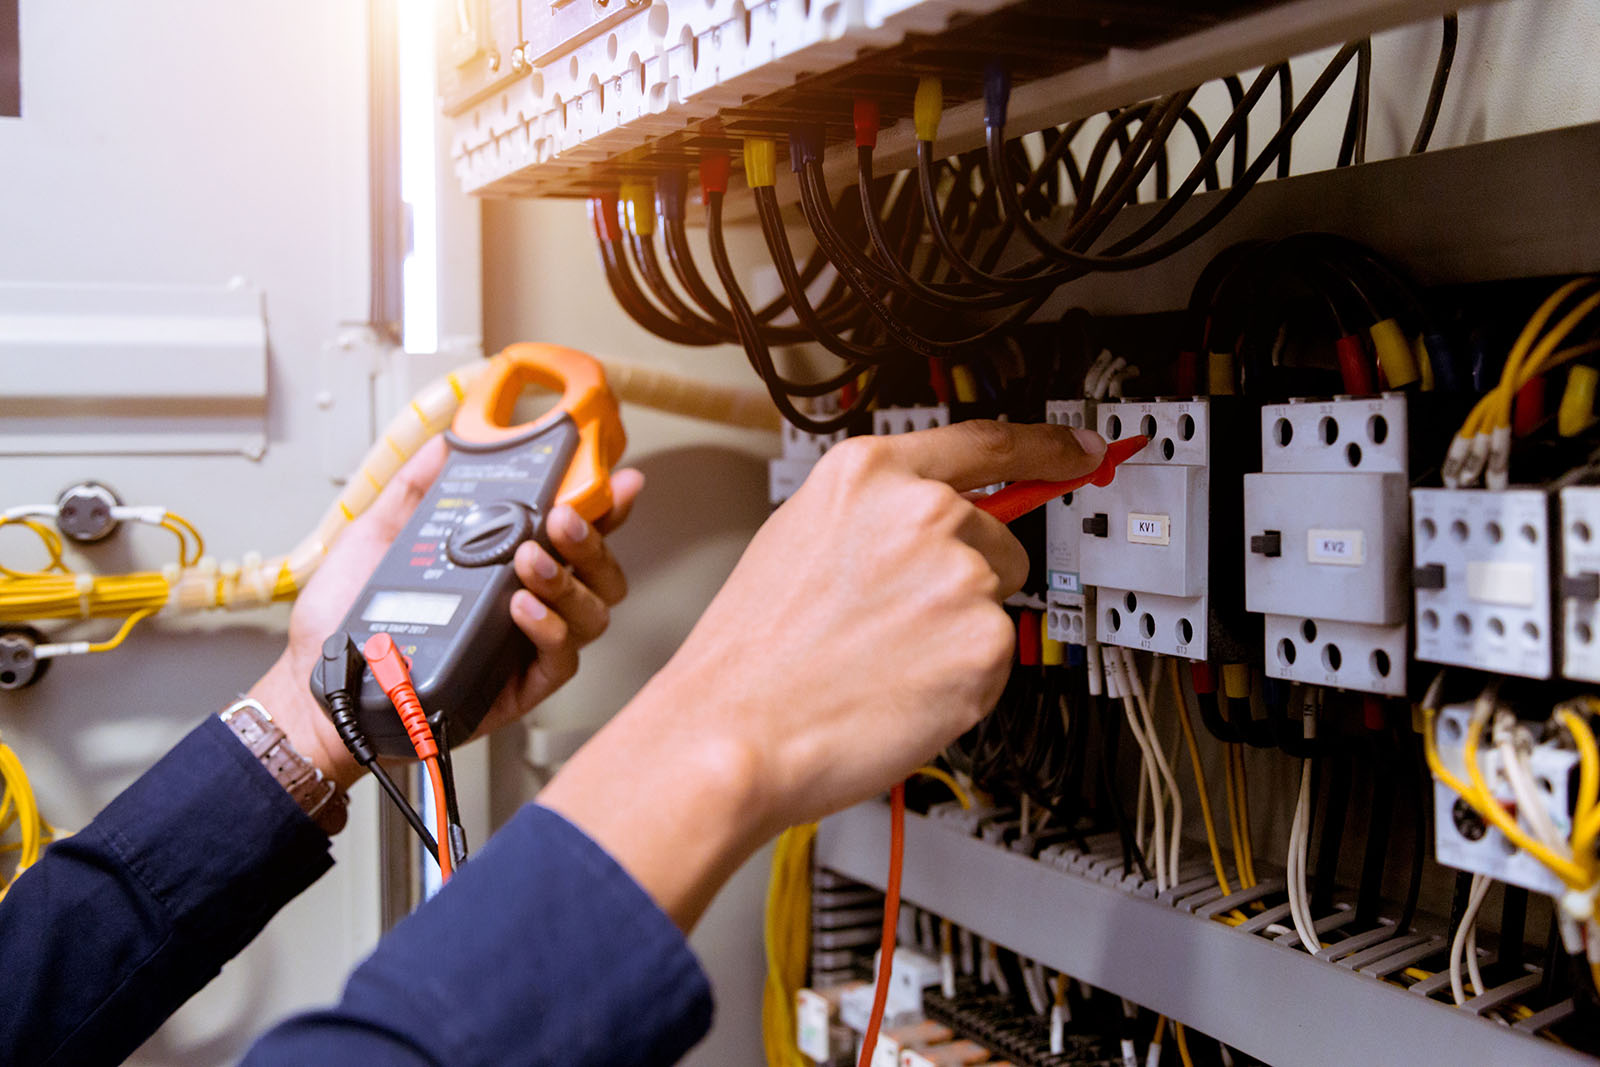 Som din lokala elektriker i Kungsbacka kan vi bistå dig vid alla typer av elinstallationer inom allt vad gäller såväl el och data som larm och säkerhet. Så här kan det se ut när vi jobbar!